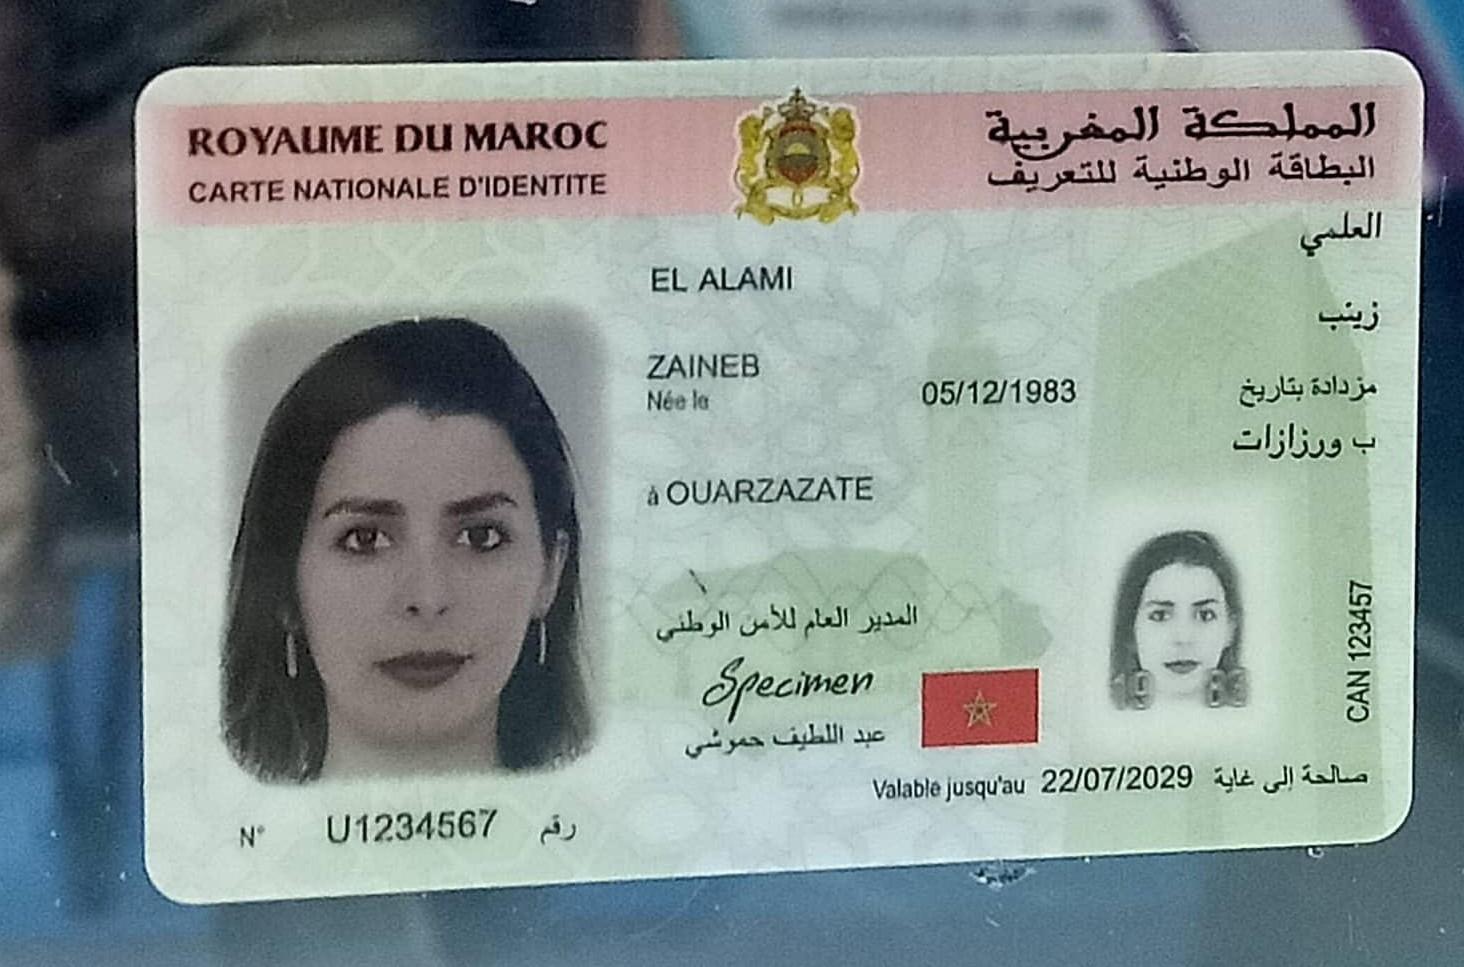 البطاقة الوطنية للتعريف الاليكتروني